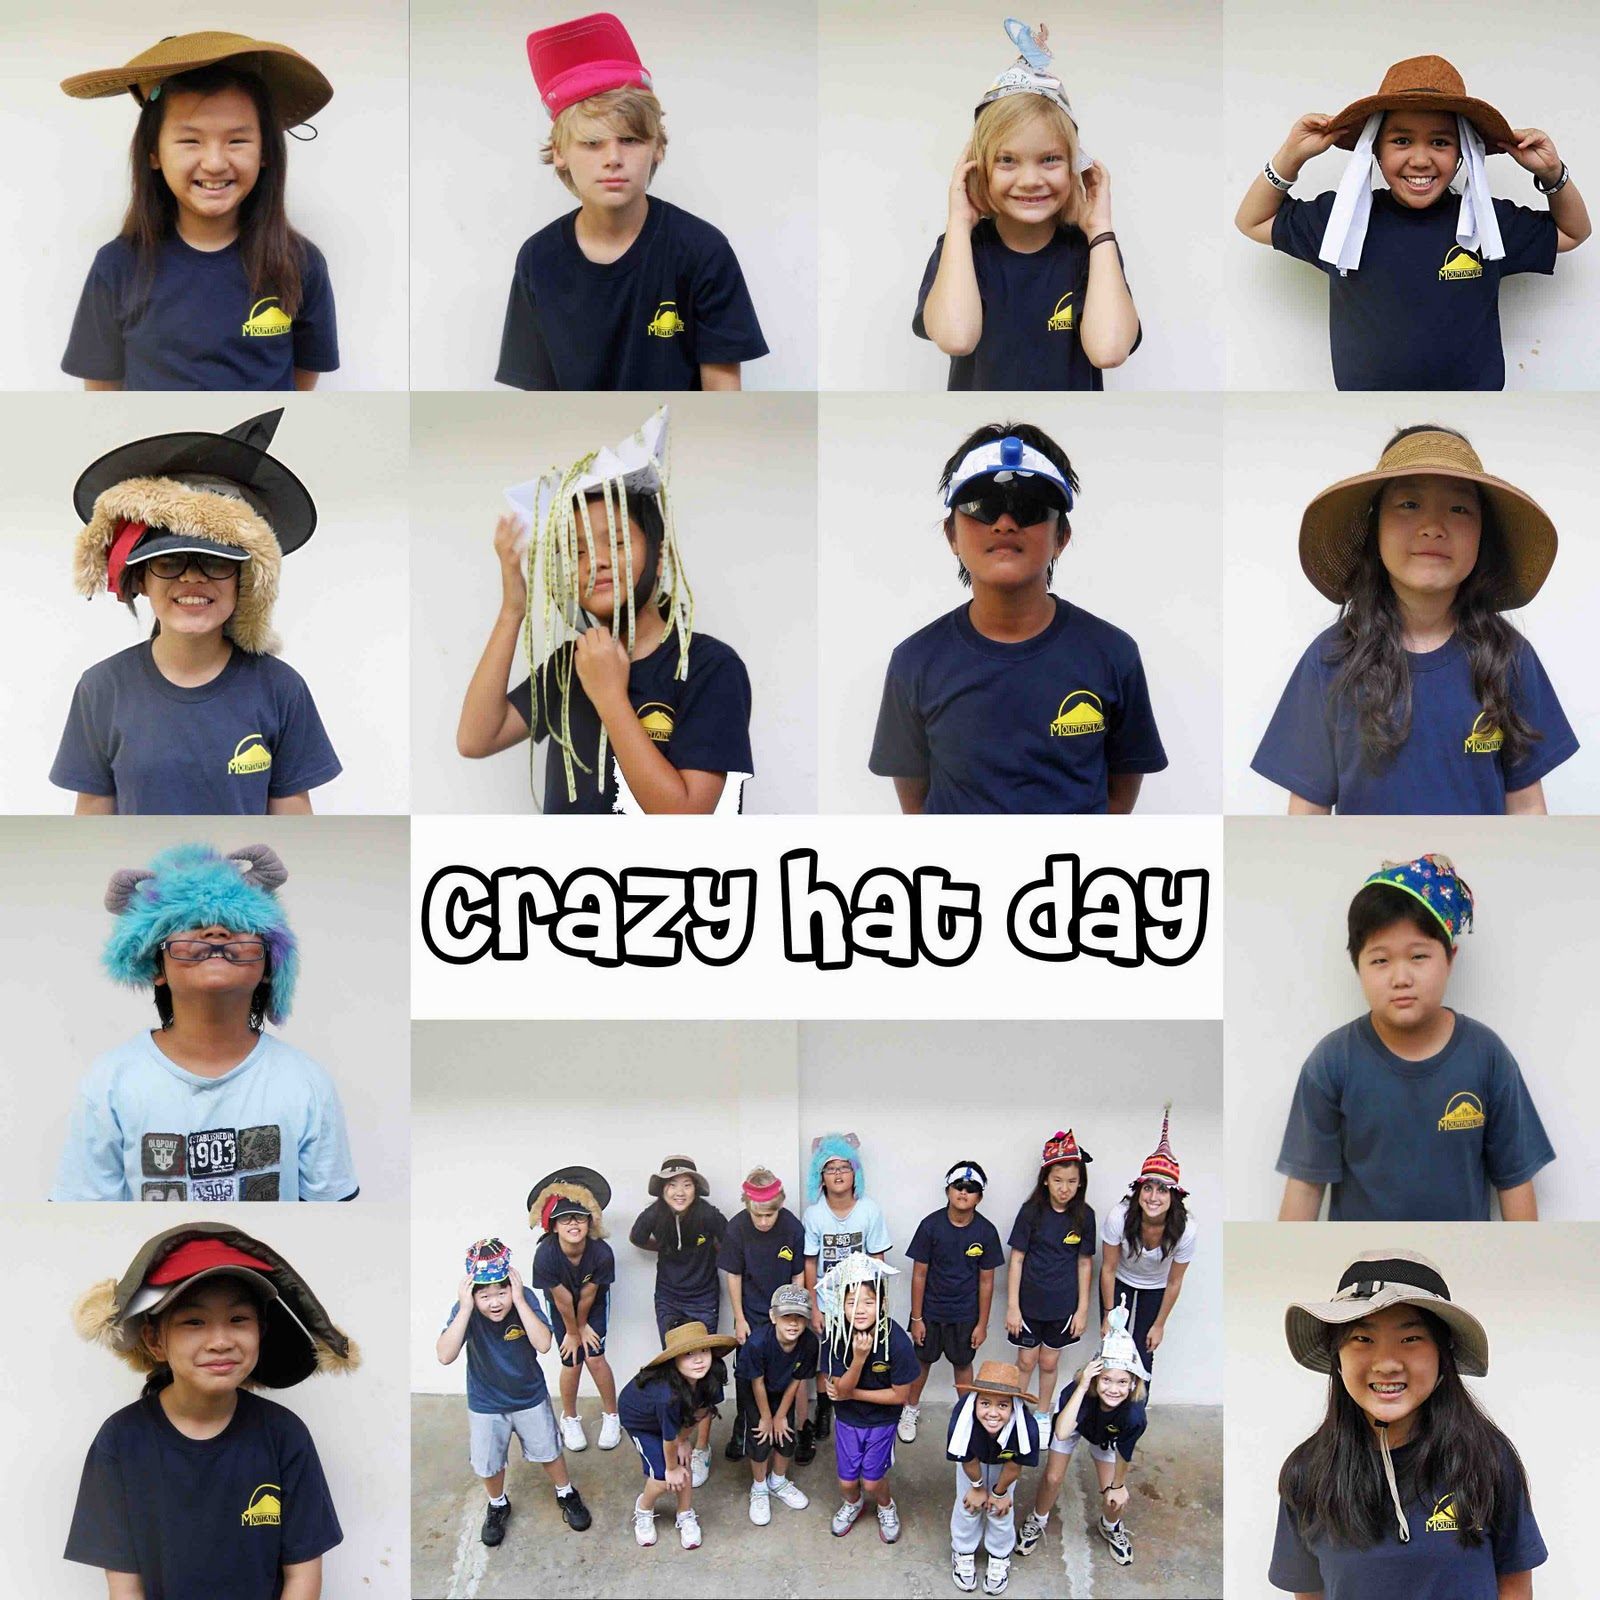 Crazy Hat Day For School: TheTravelingTeacher: School